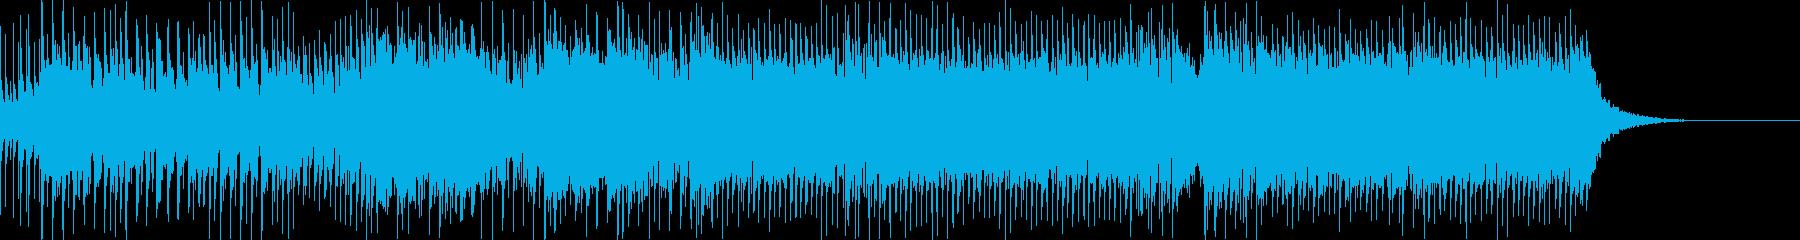 和楽器ロック シンプルだけどラウド激しいの再生済みの波形